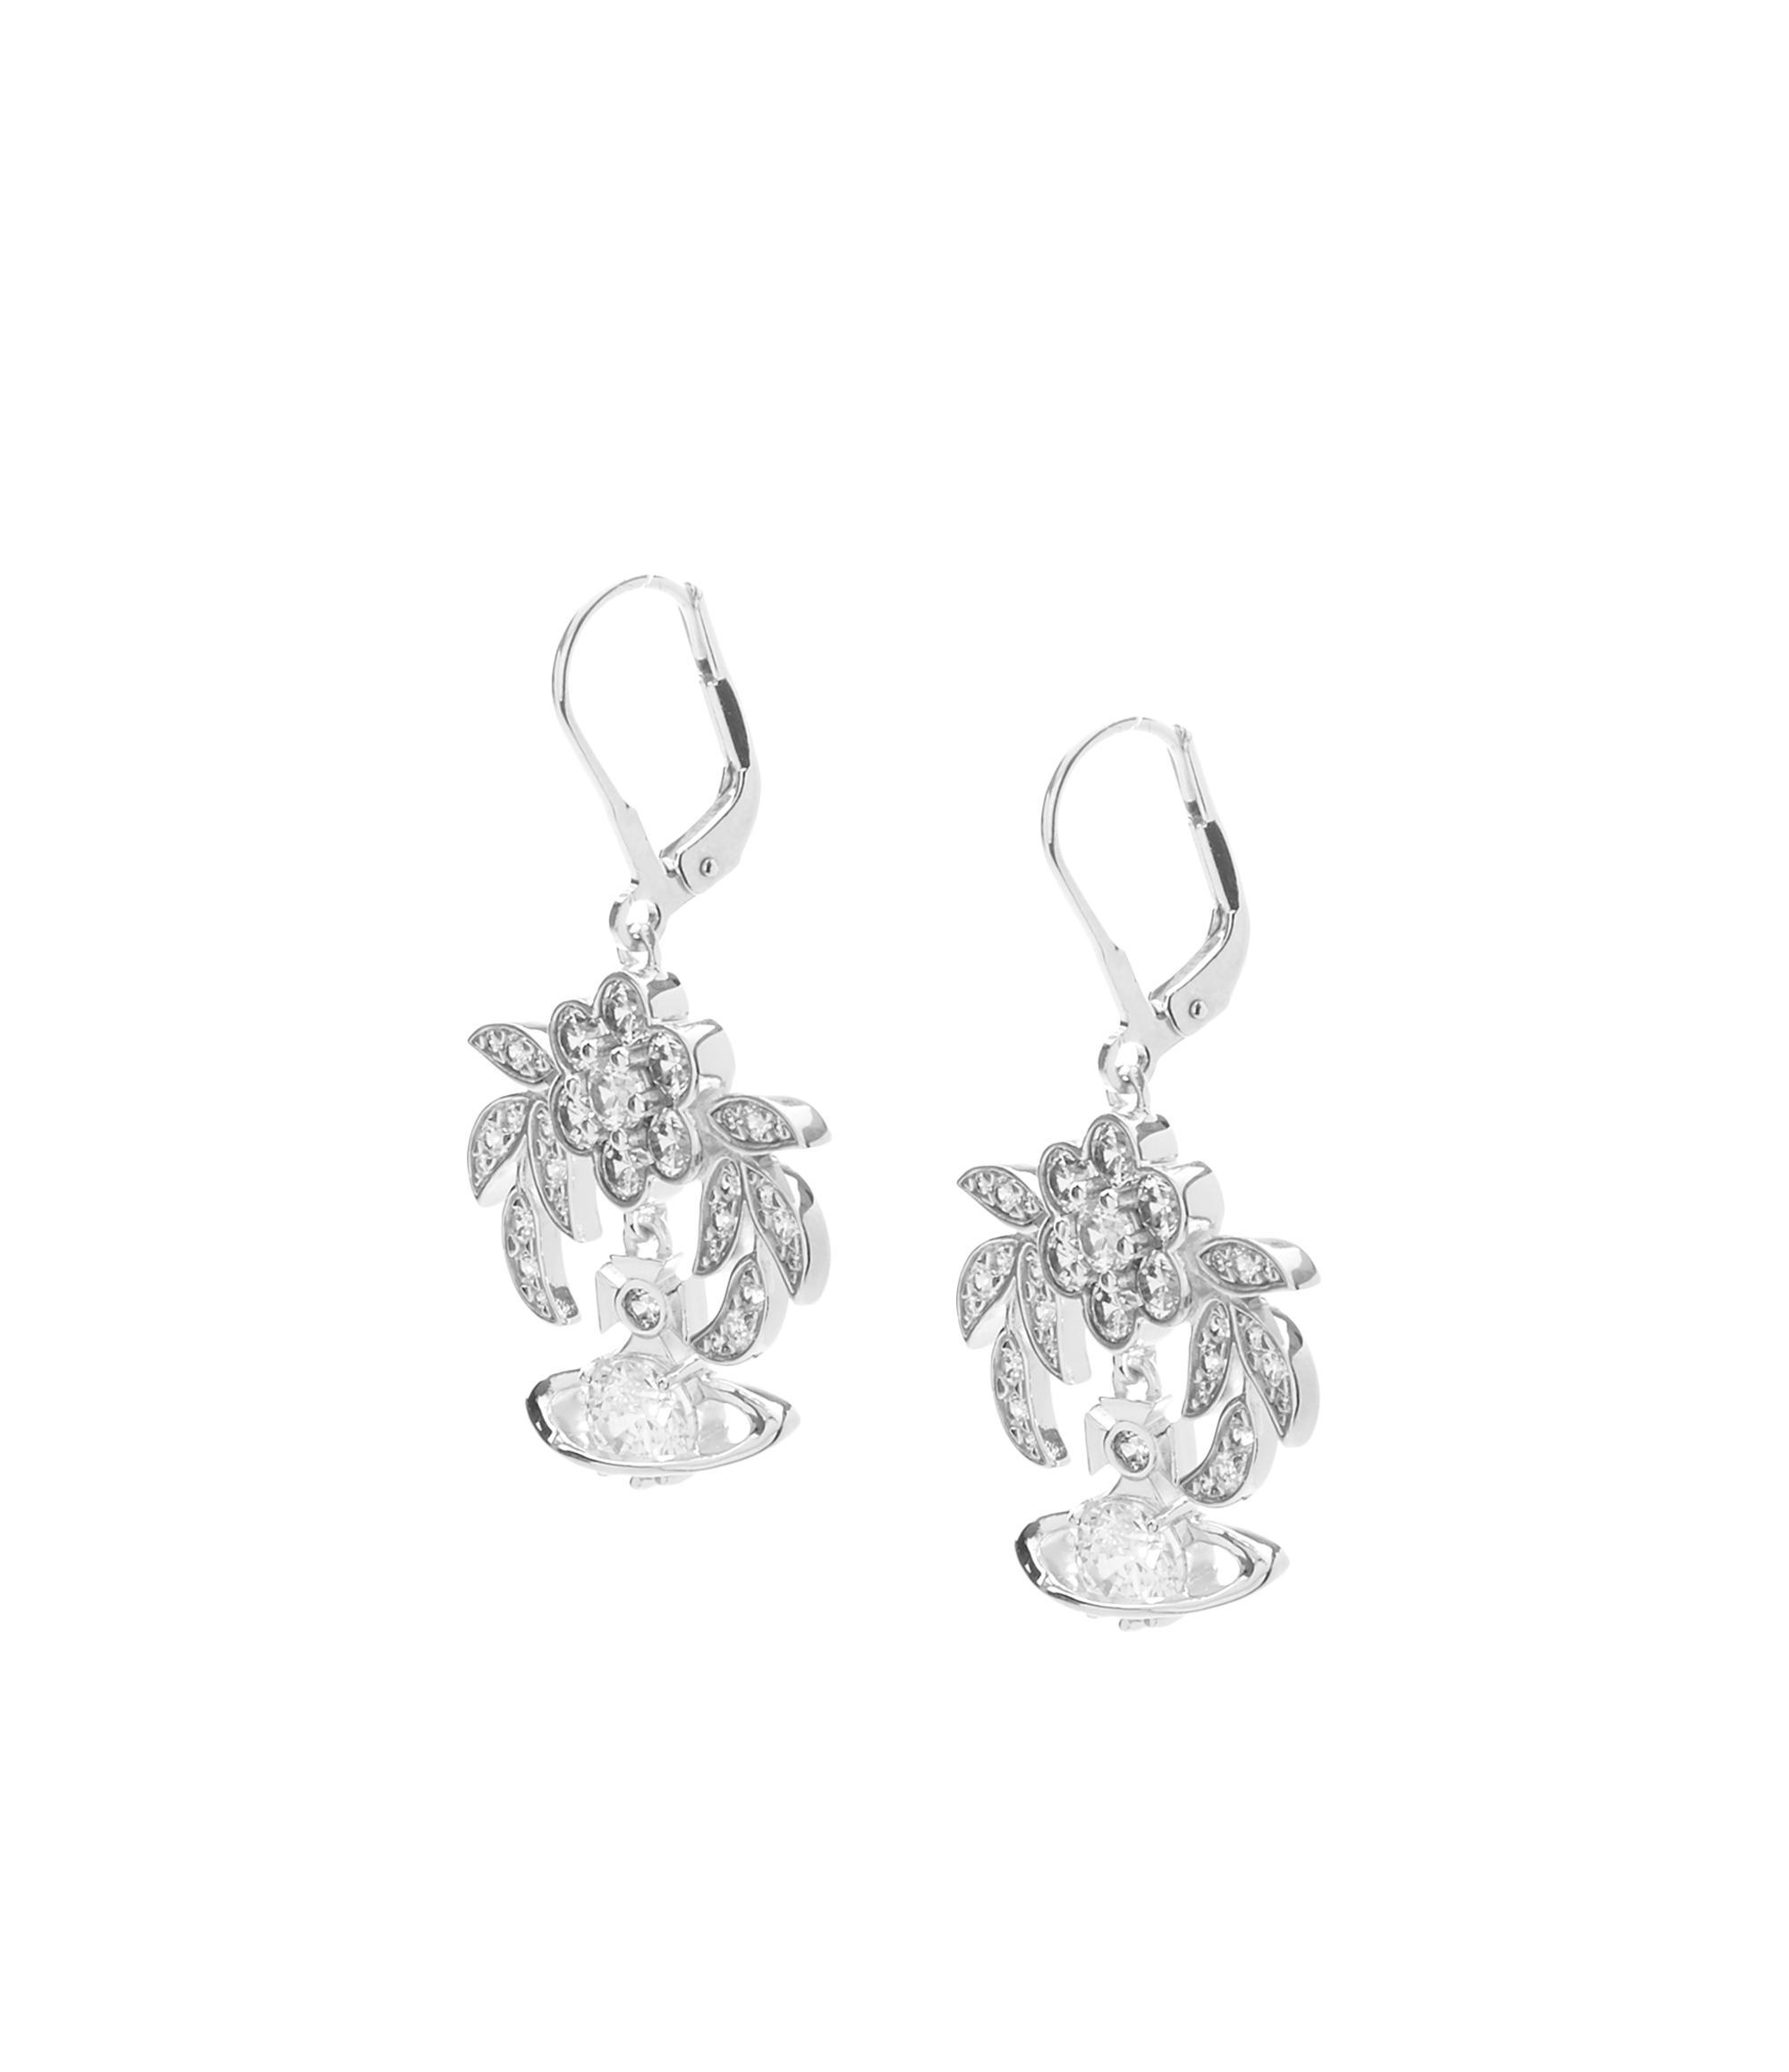 ad236133b07ec Vivienne Westwood Metallic Amma Drop Earrings Silver Tone